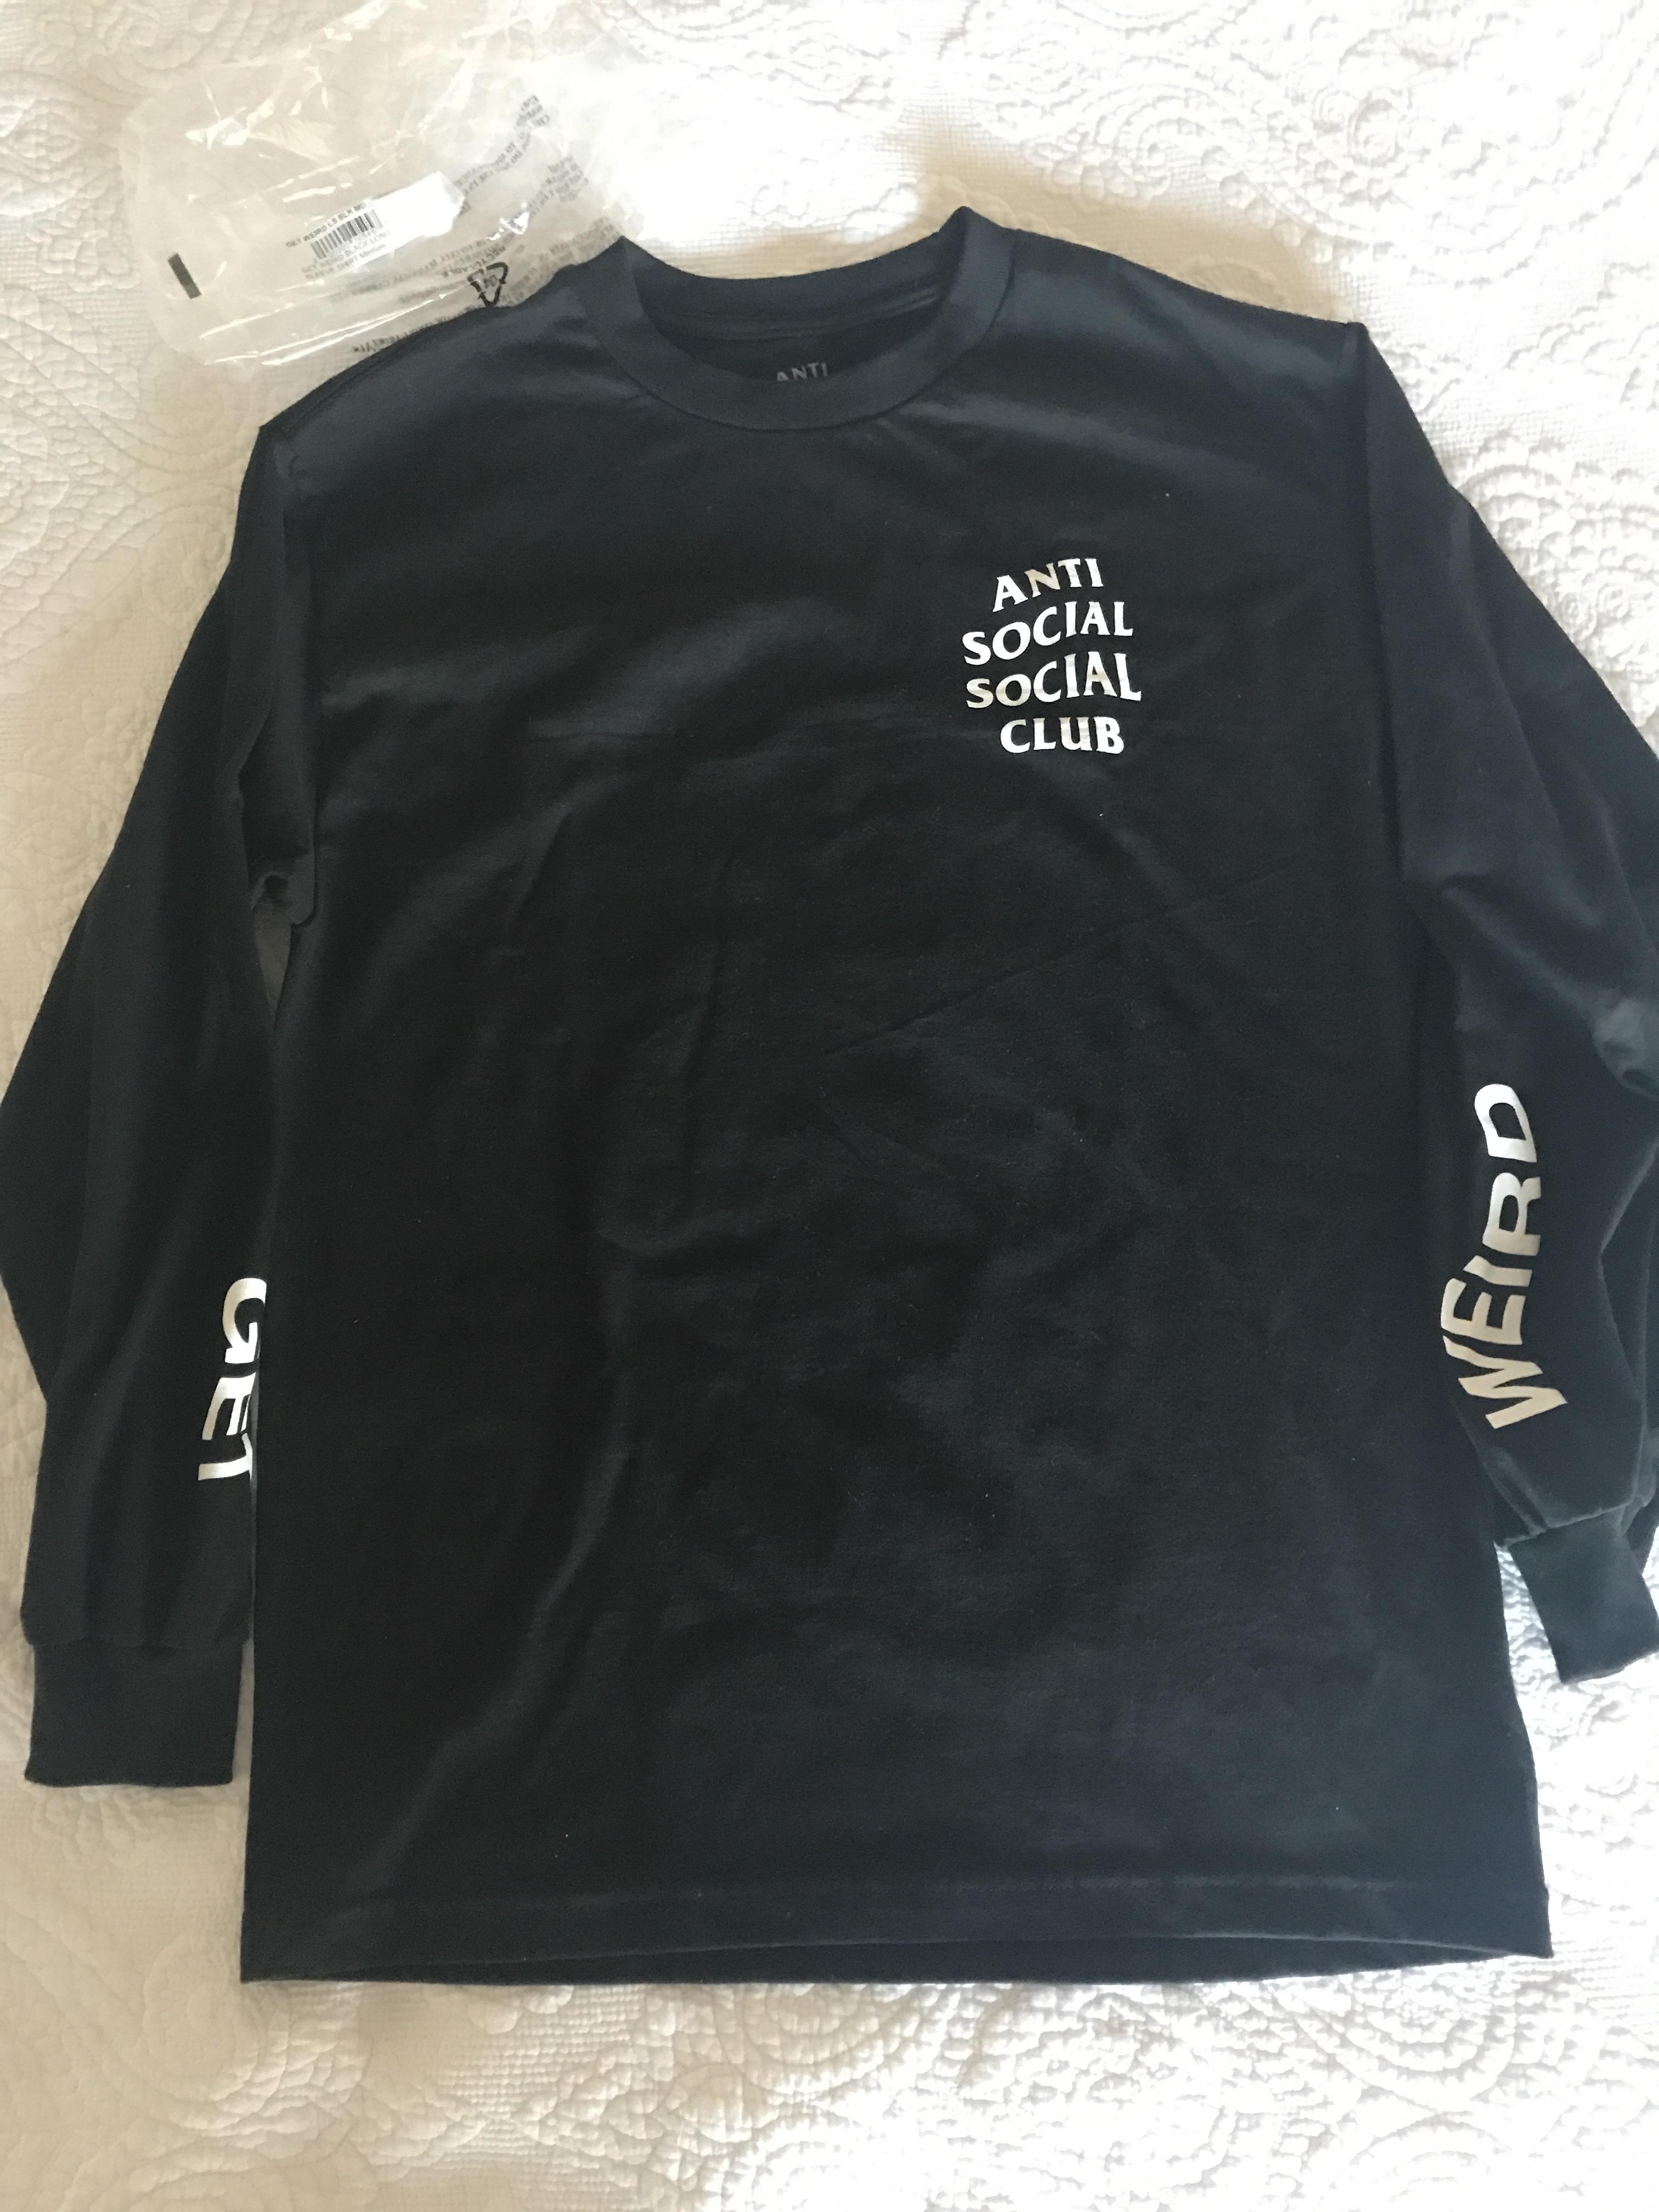 36258fbe3ca8 Antisocial Social Club Assc Get Weird Black Long Sleeve Shirt